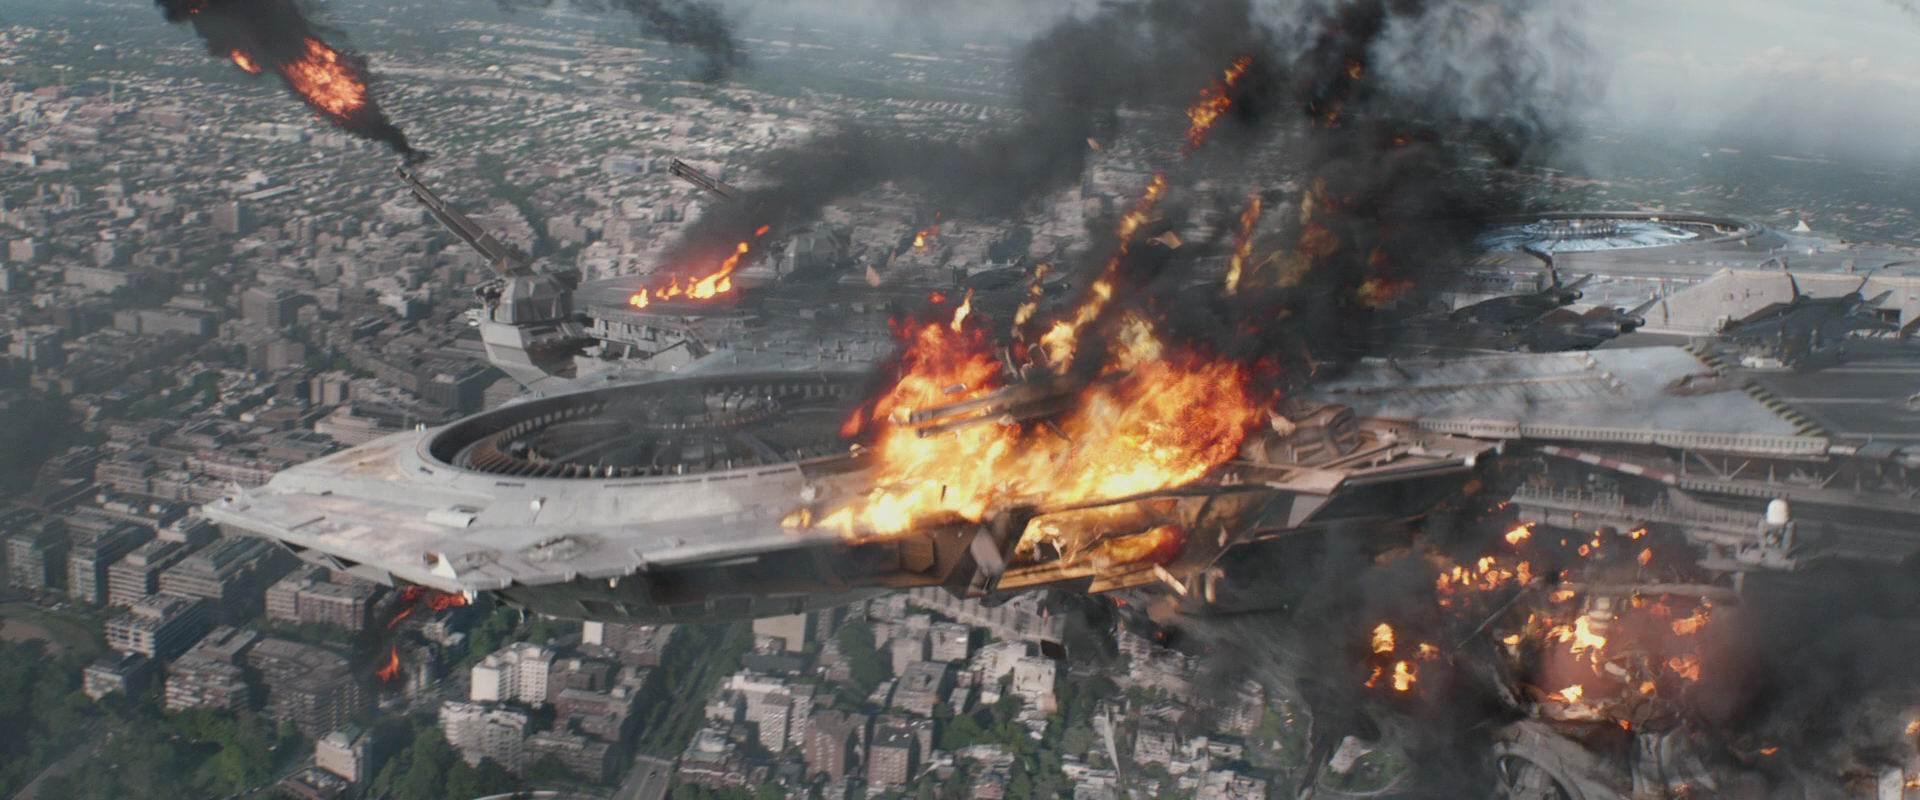 美国队长2:酷寒战士迅雷下载_美国队长2:酷寒战士电影资源下载